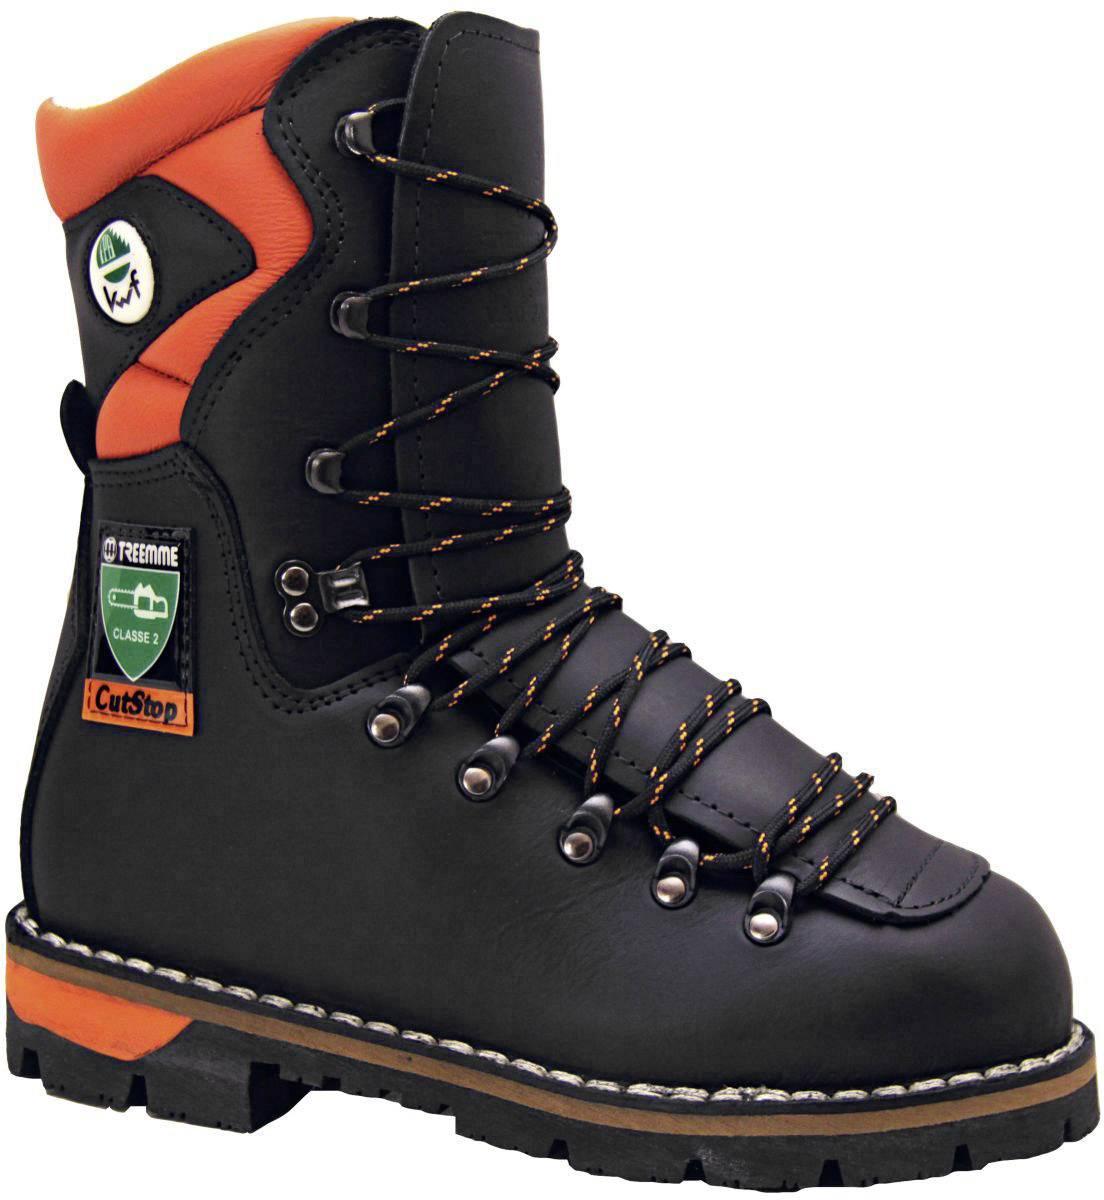 Bezpečnostná obuv s ochranou proti porezaniu S3 Treemme 2435, veľ.: 43, čierna, 1 pár